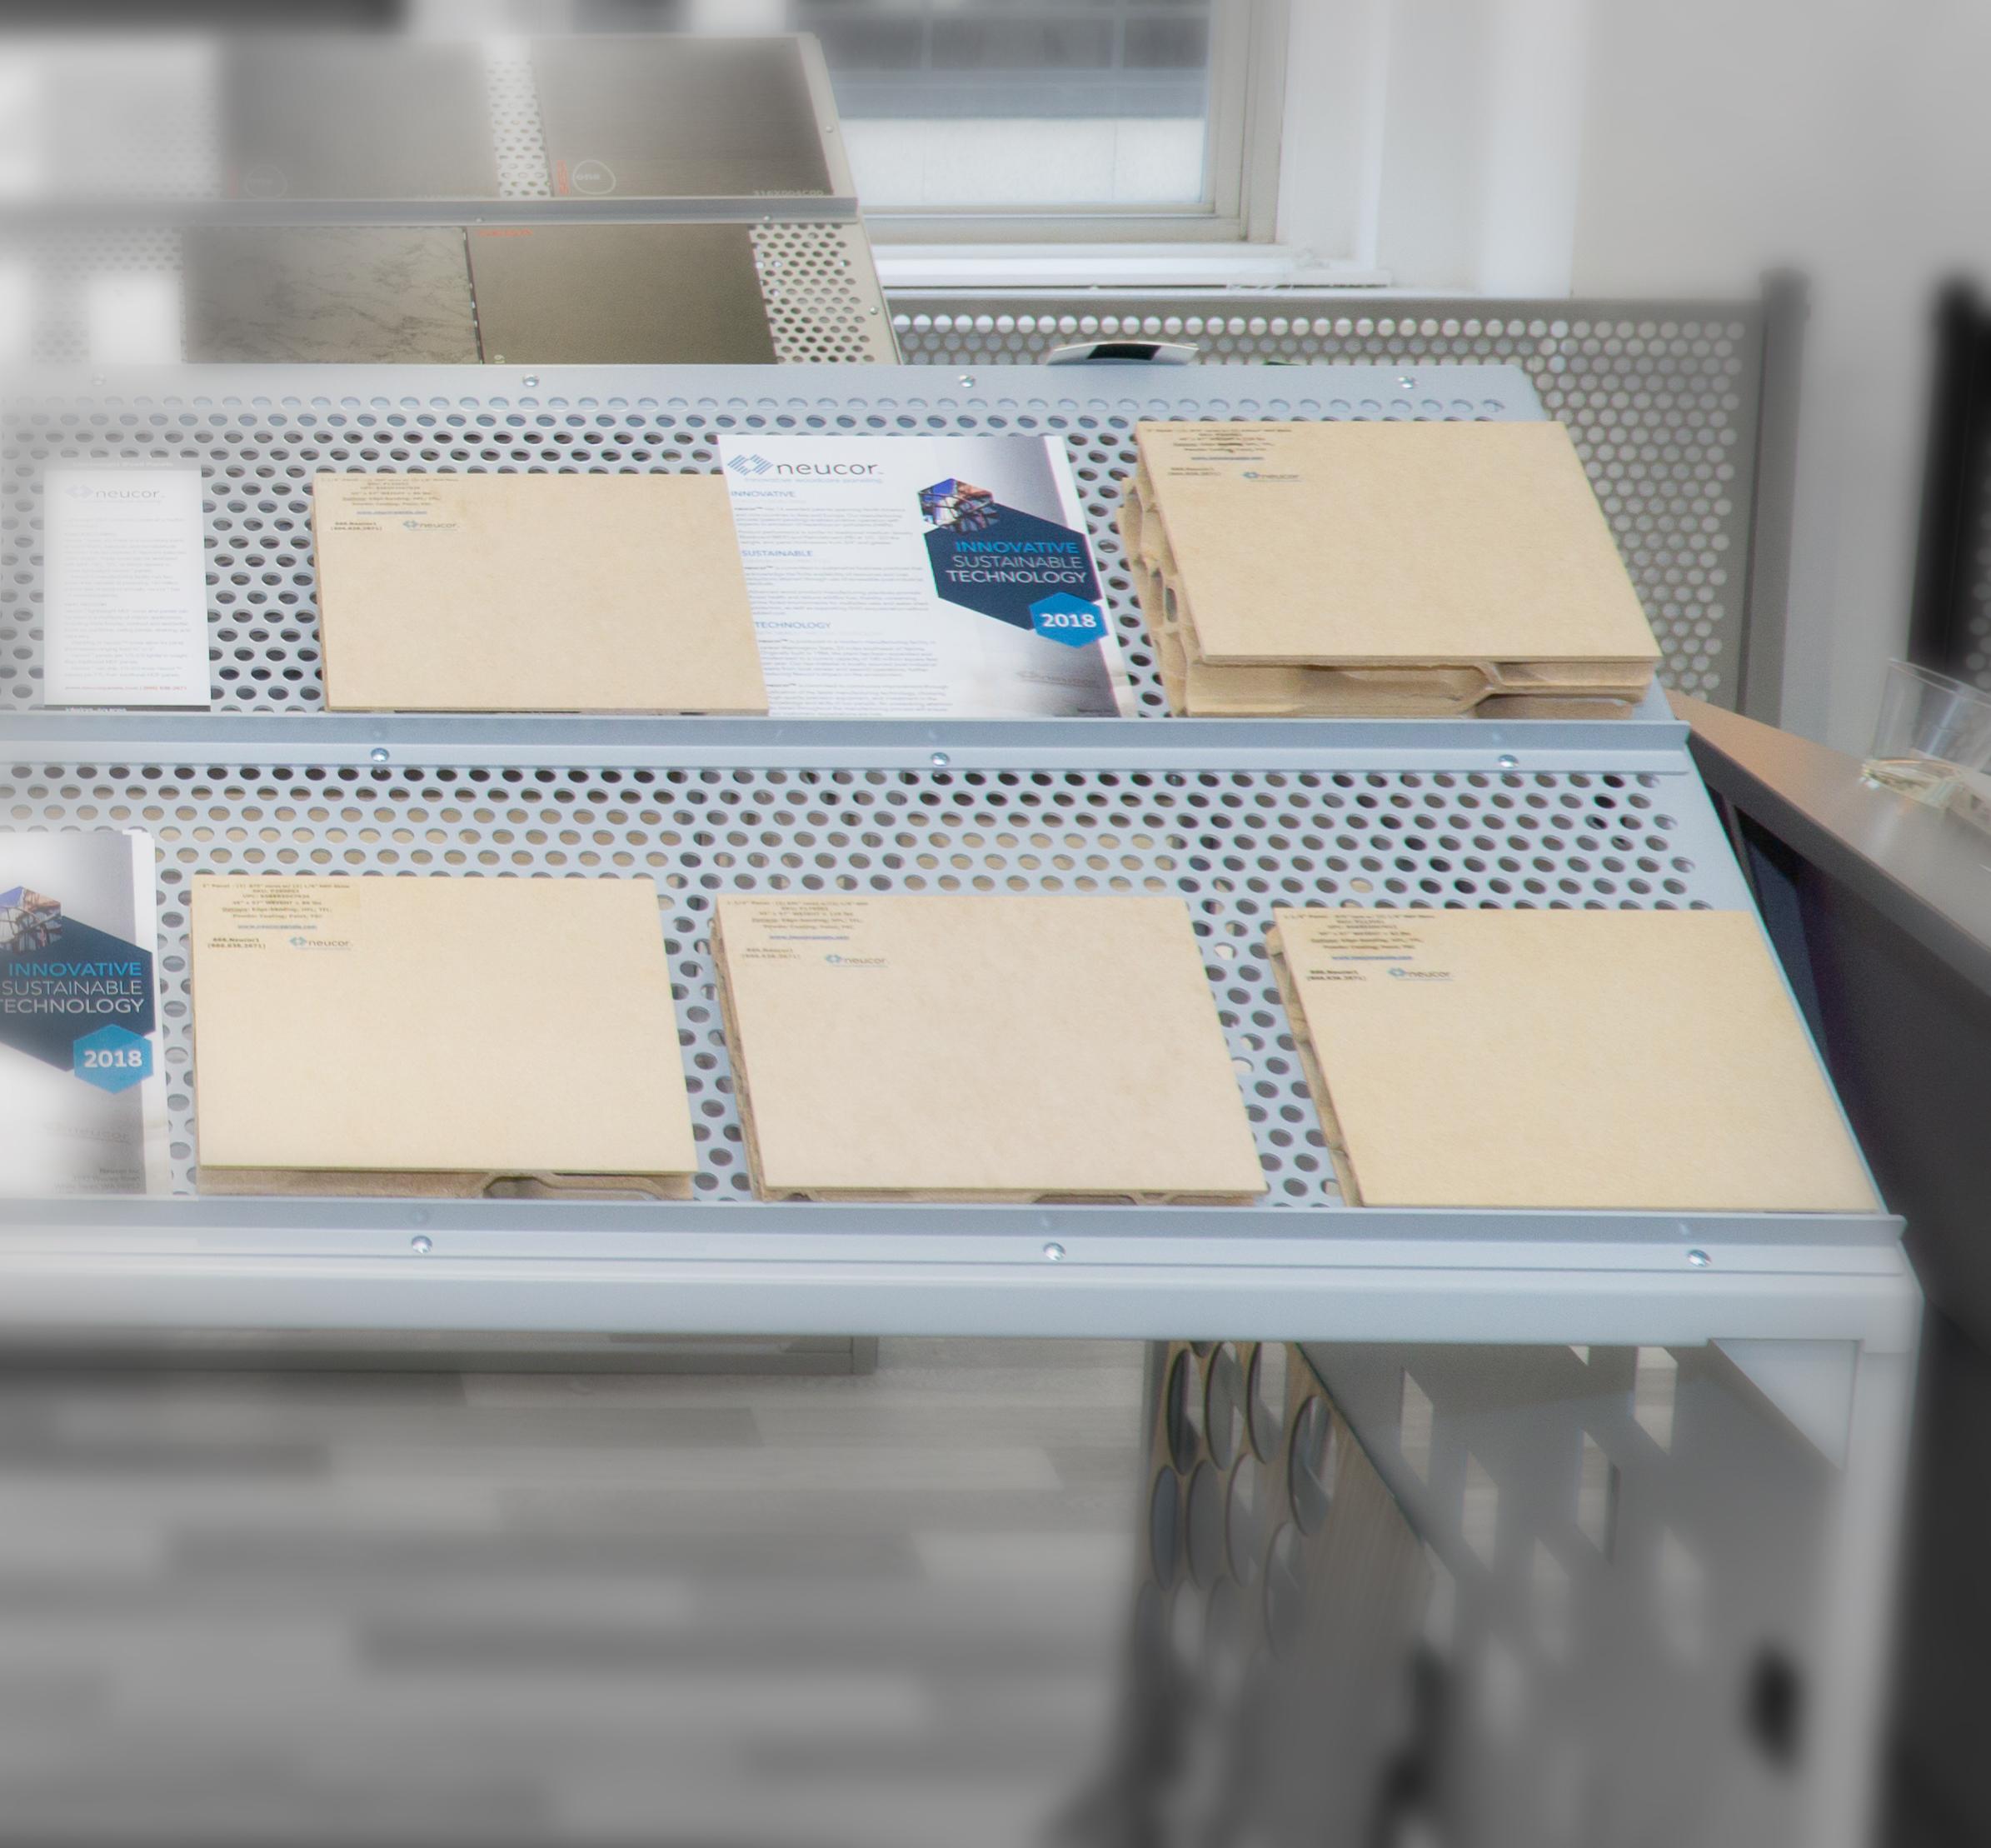 Neucor lightweight panels